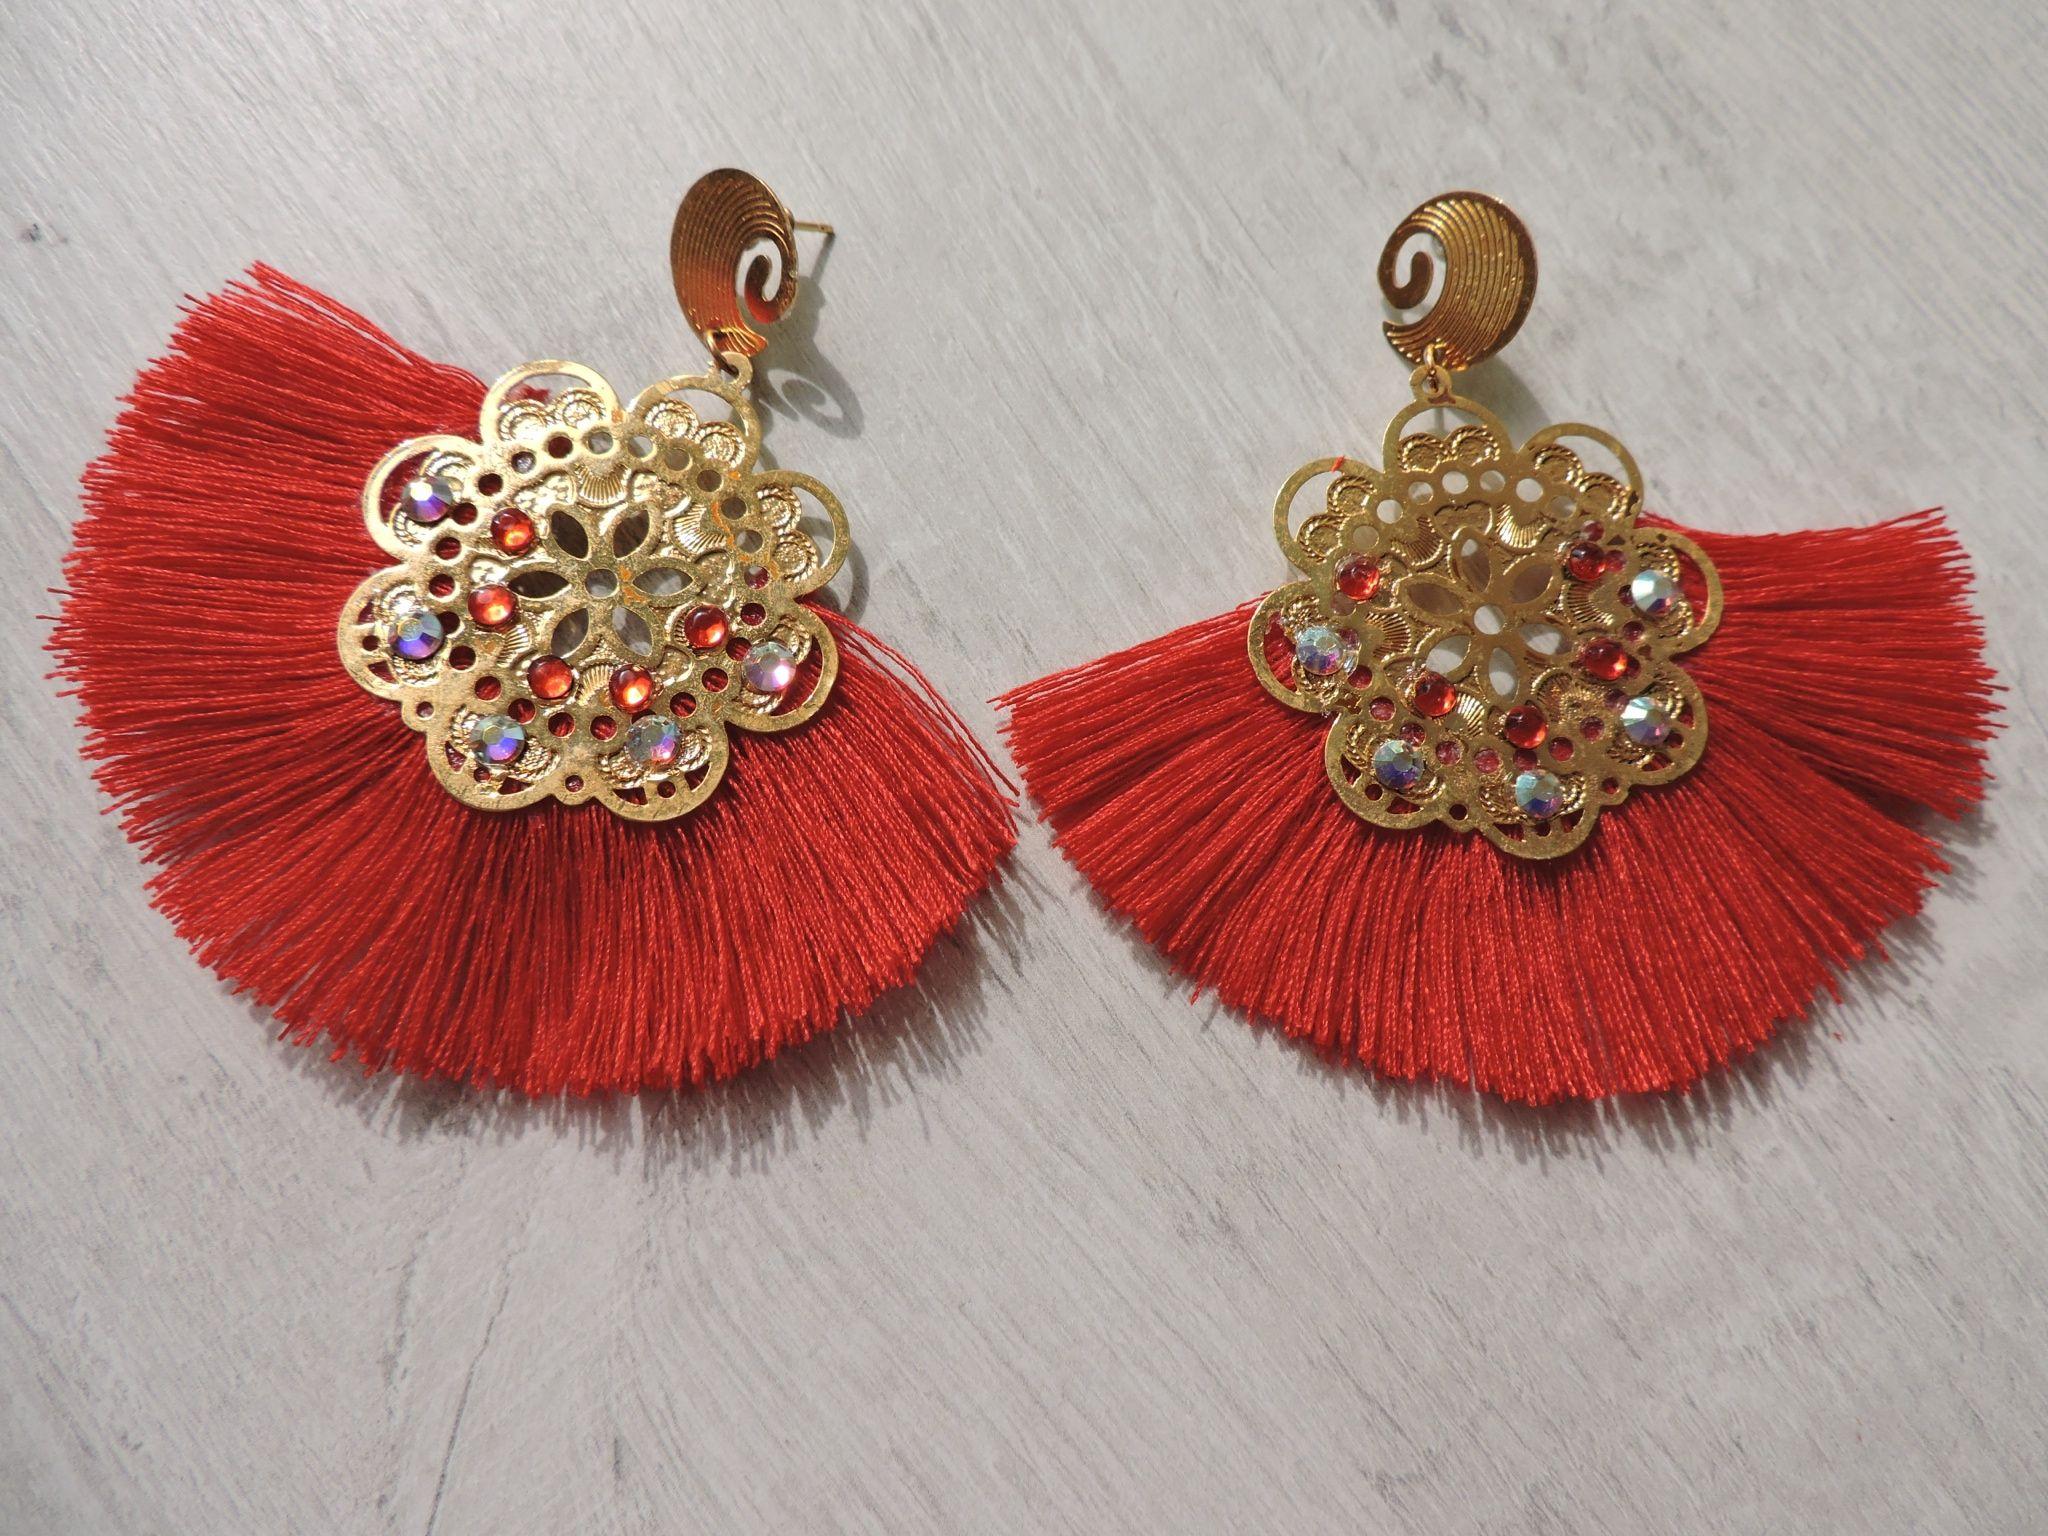 Maxi Aretes Abanico Fancy Jewellery Wire Crochet Jewelry Earrings Handmade